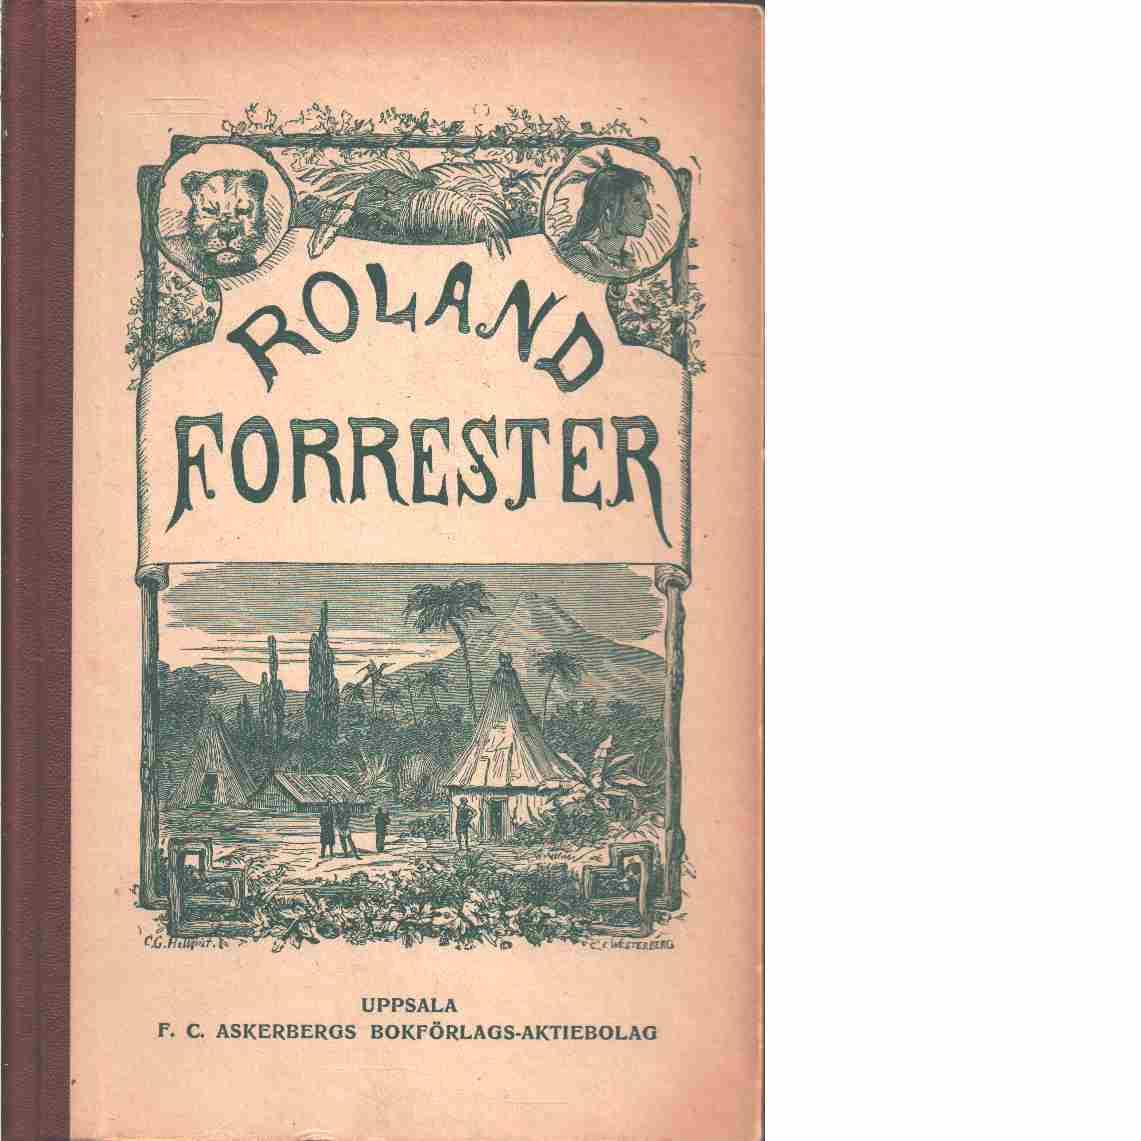 Roland Forrester och hans systers faror och äventyr bland Nordamerikas indianer  - Bird, Robert Montgomery